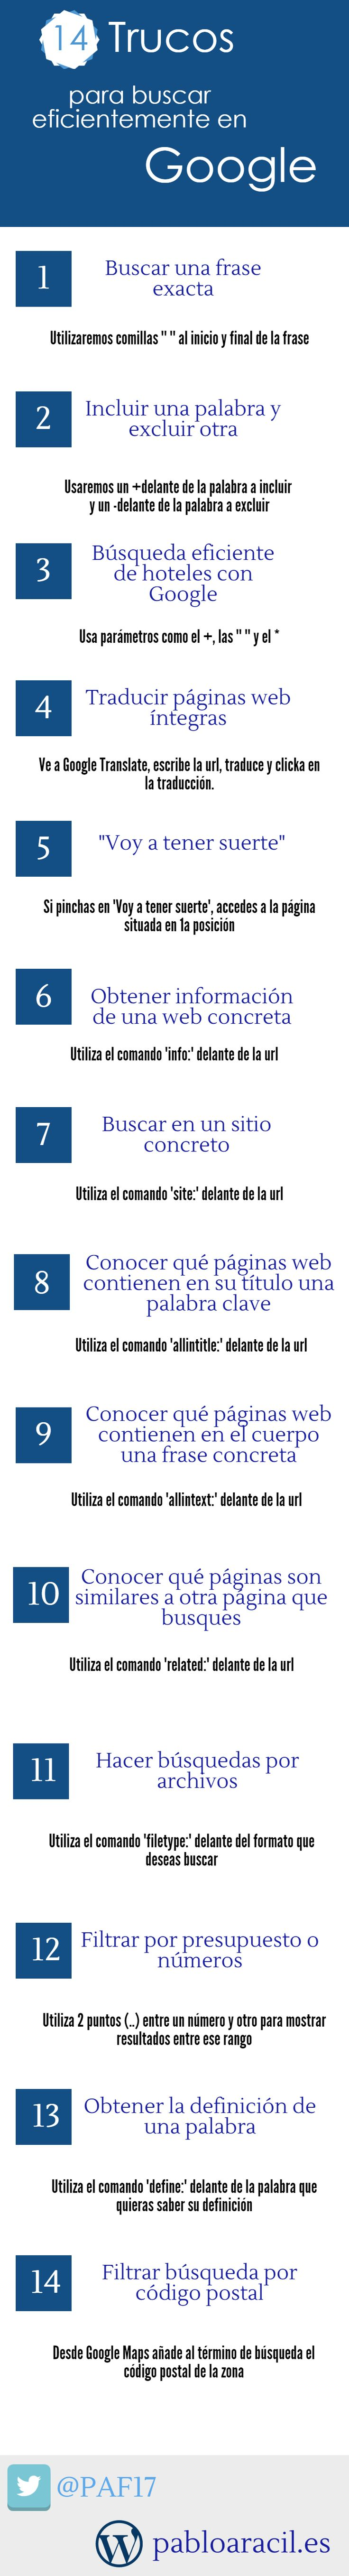 14 trucos para buscar eficientemente en Google. #infografía